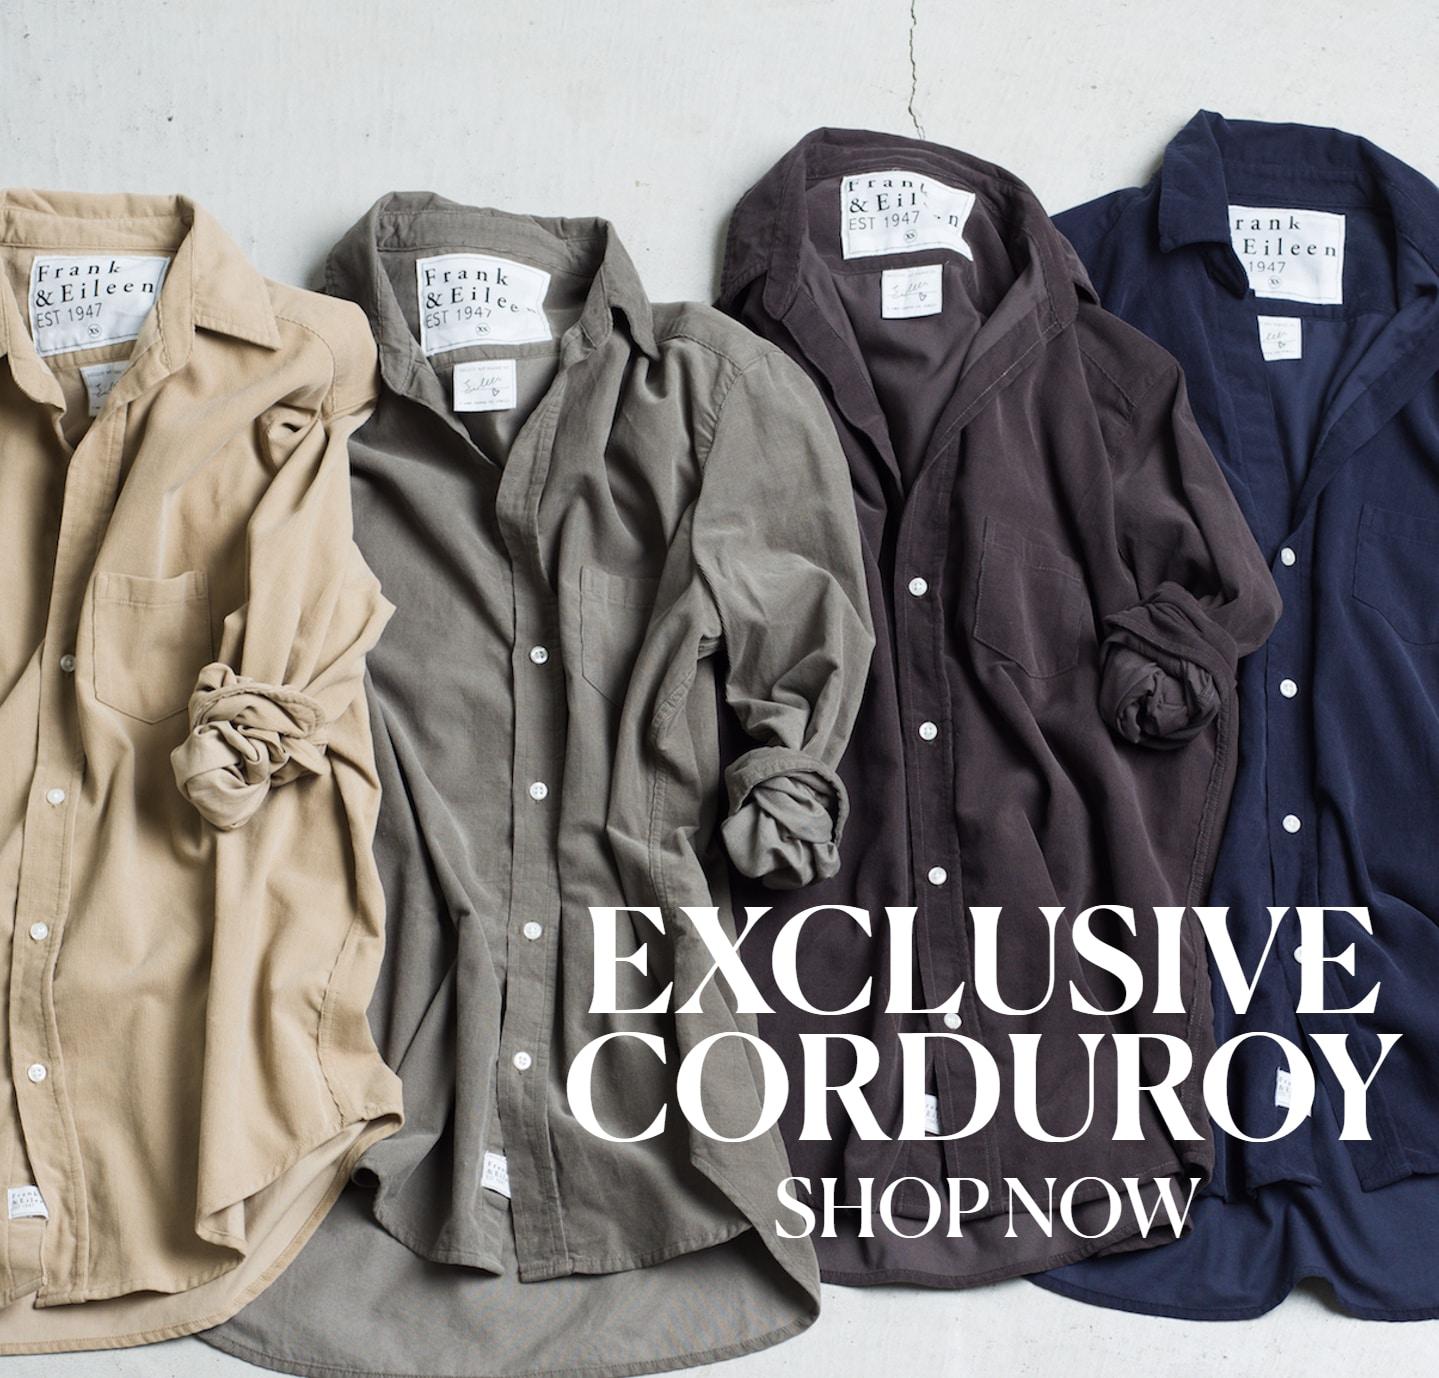 Exclusive corduroy